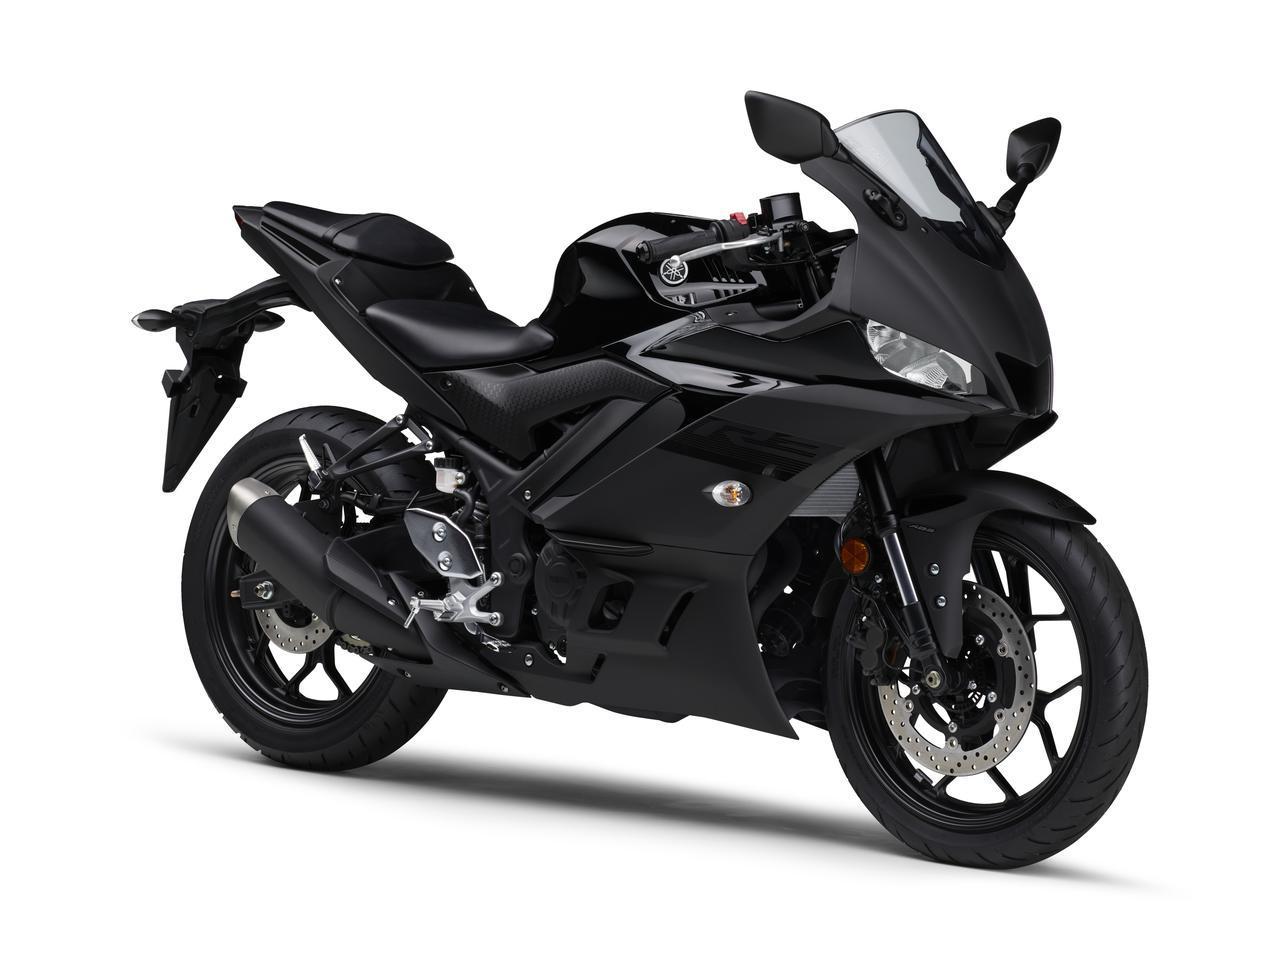 画像5: ヤマハ「YZF-R25/ABS」「YZF-R3 ABS」の2020年モデルが2月14日(金)発売! 3色展開で、すべてニューカラー!